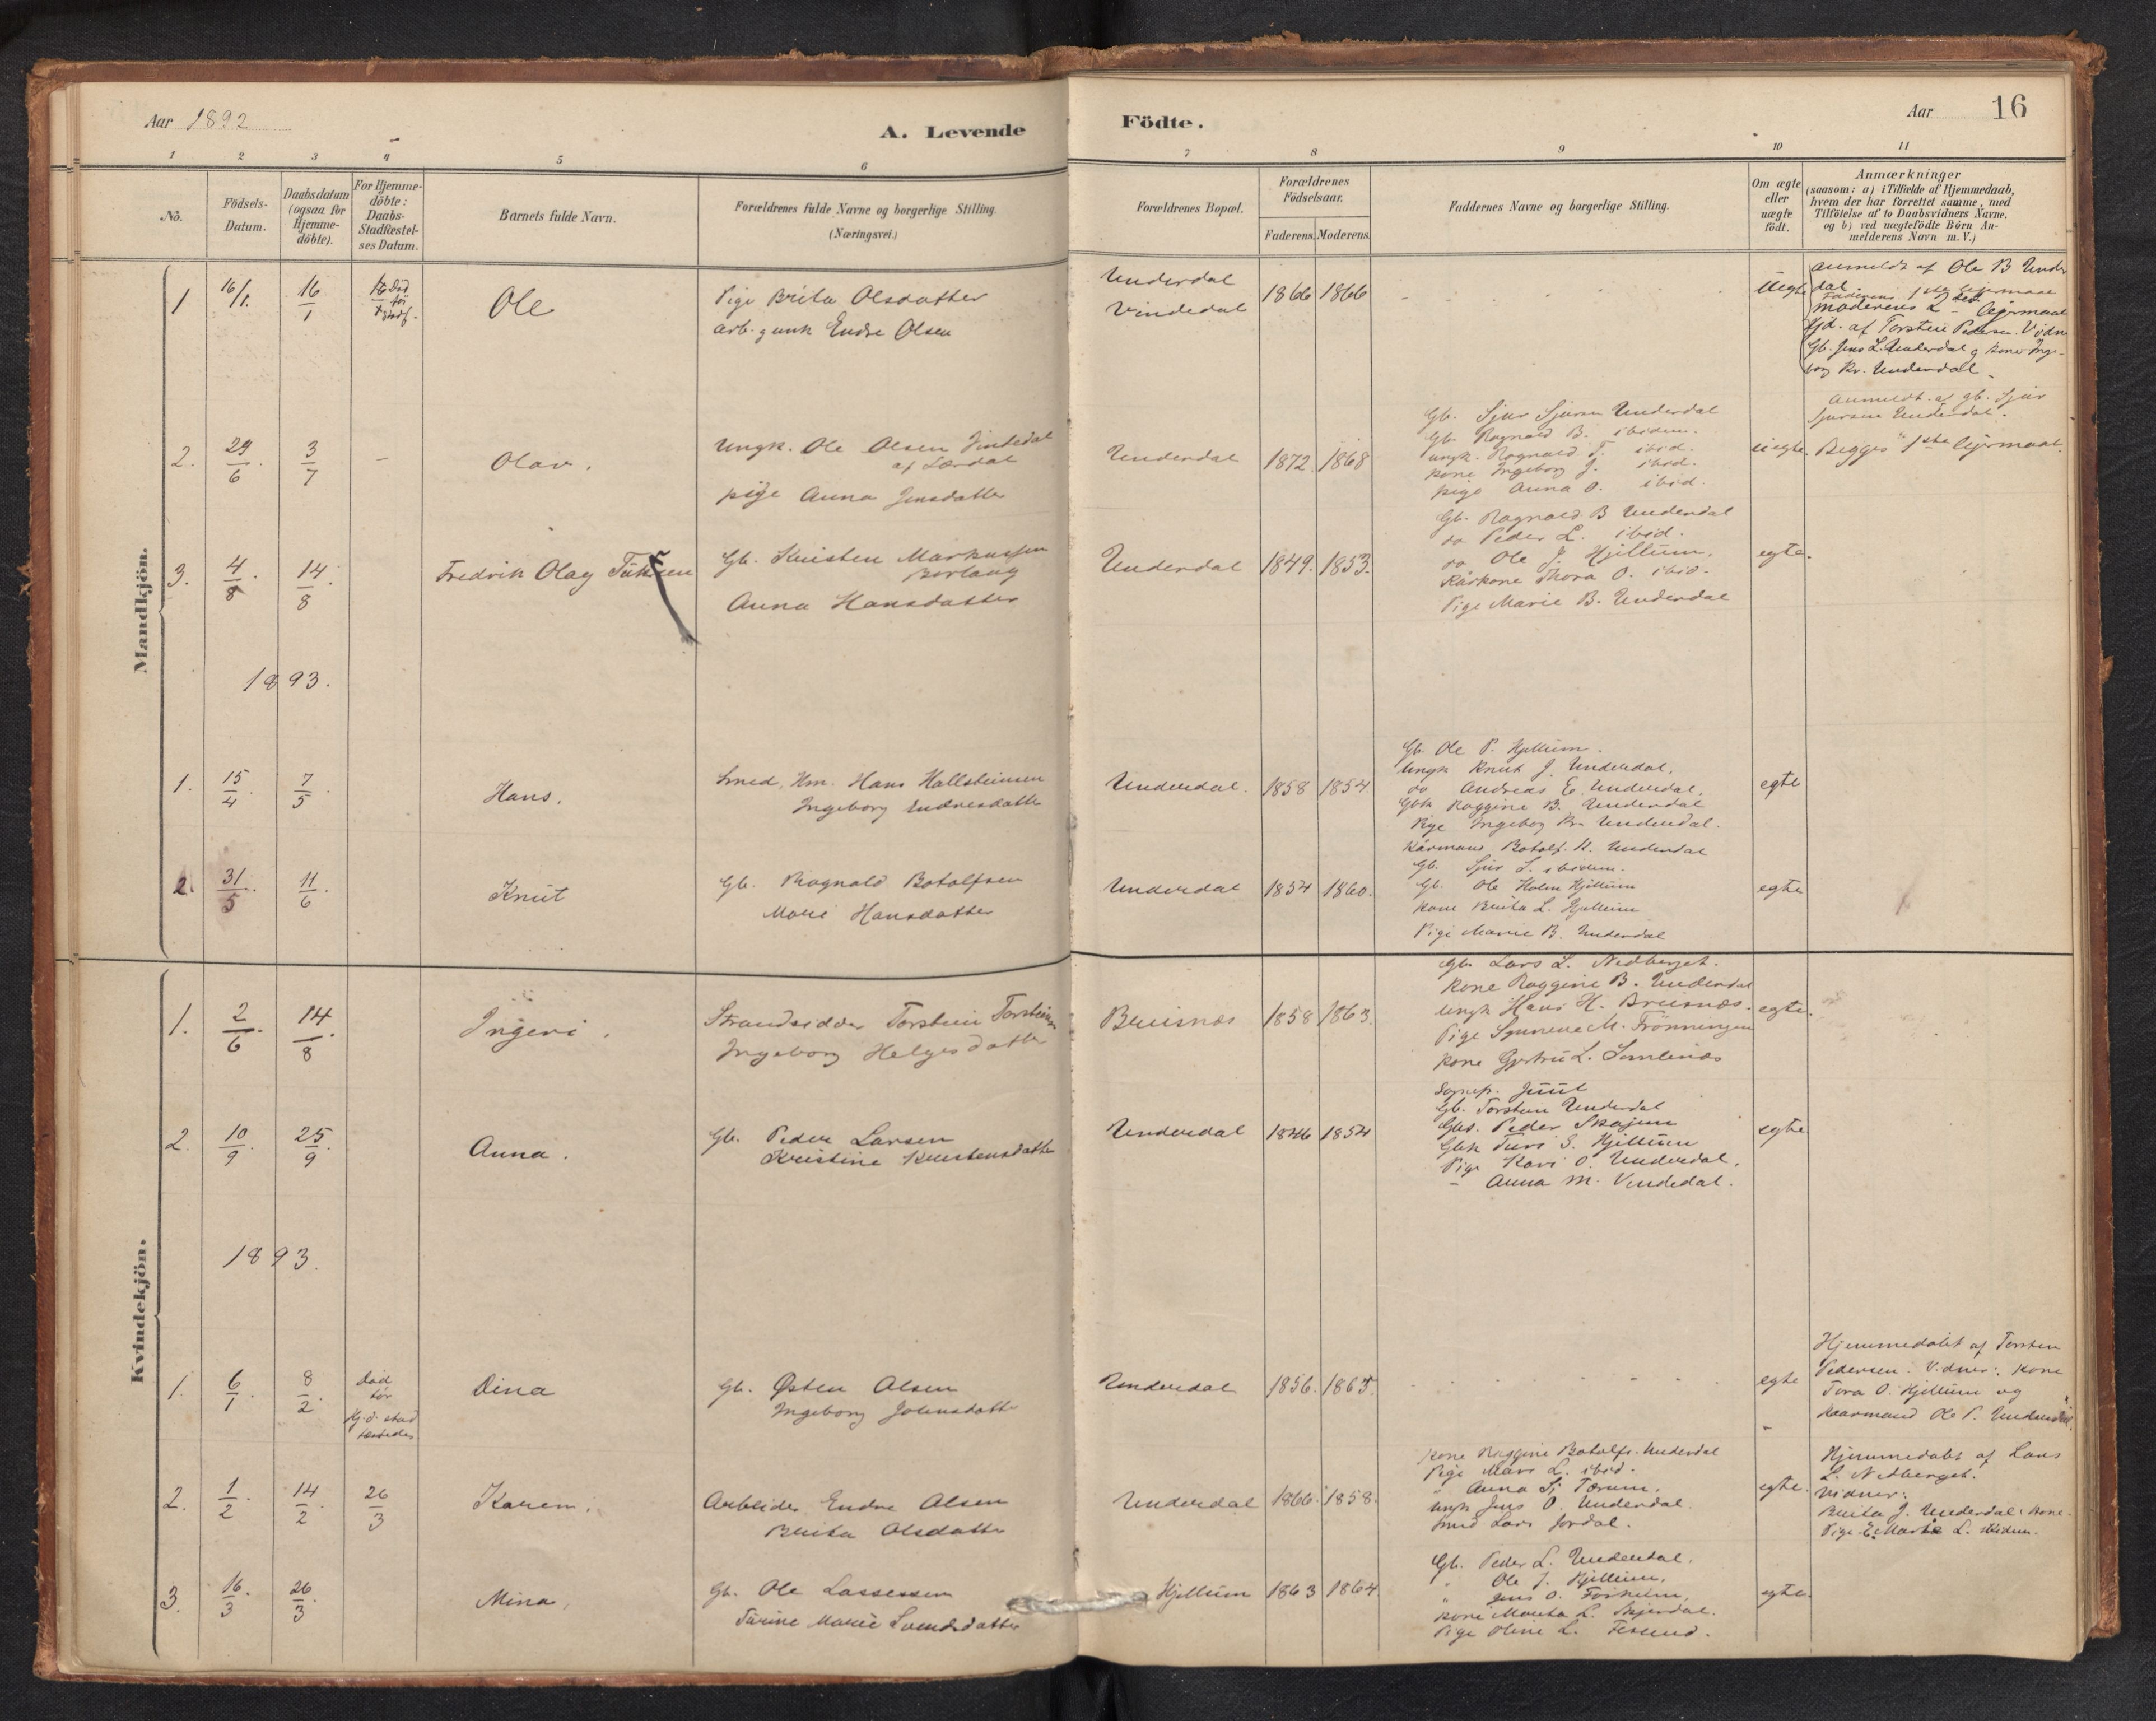 SAB, Aurland Sokneprestembete*, Ministerialbok nr. E 1, 1880-1907, s. 15b-16a